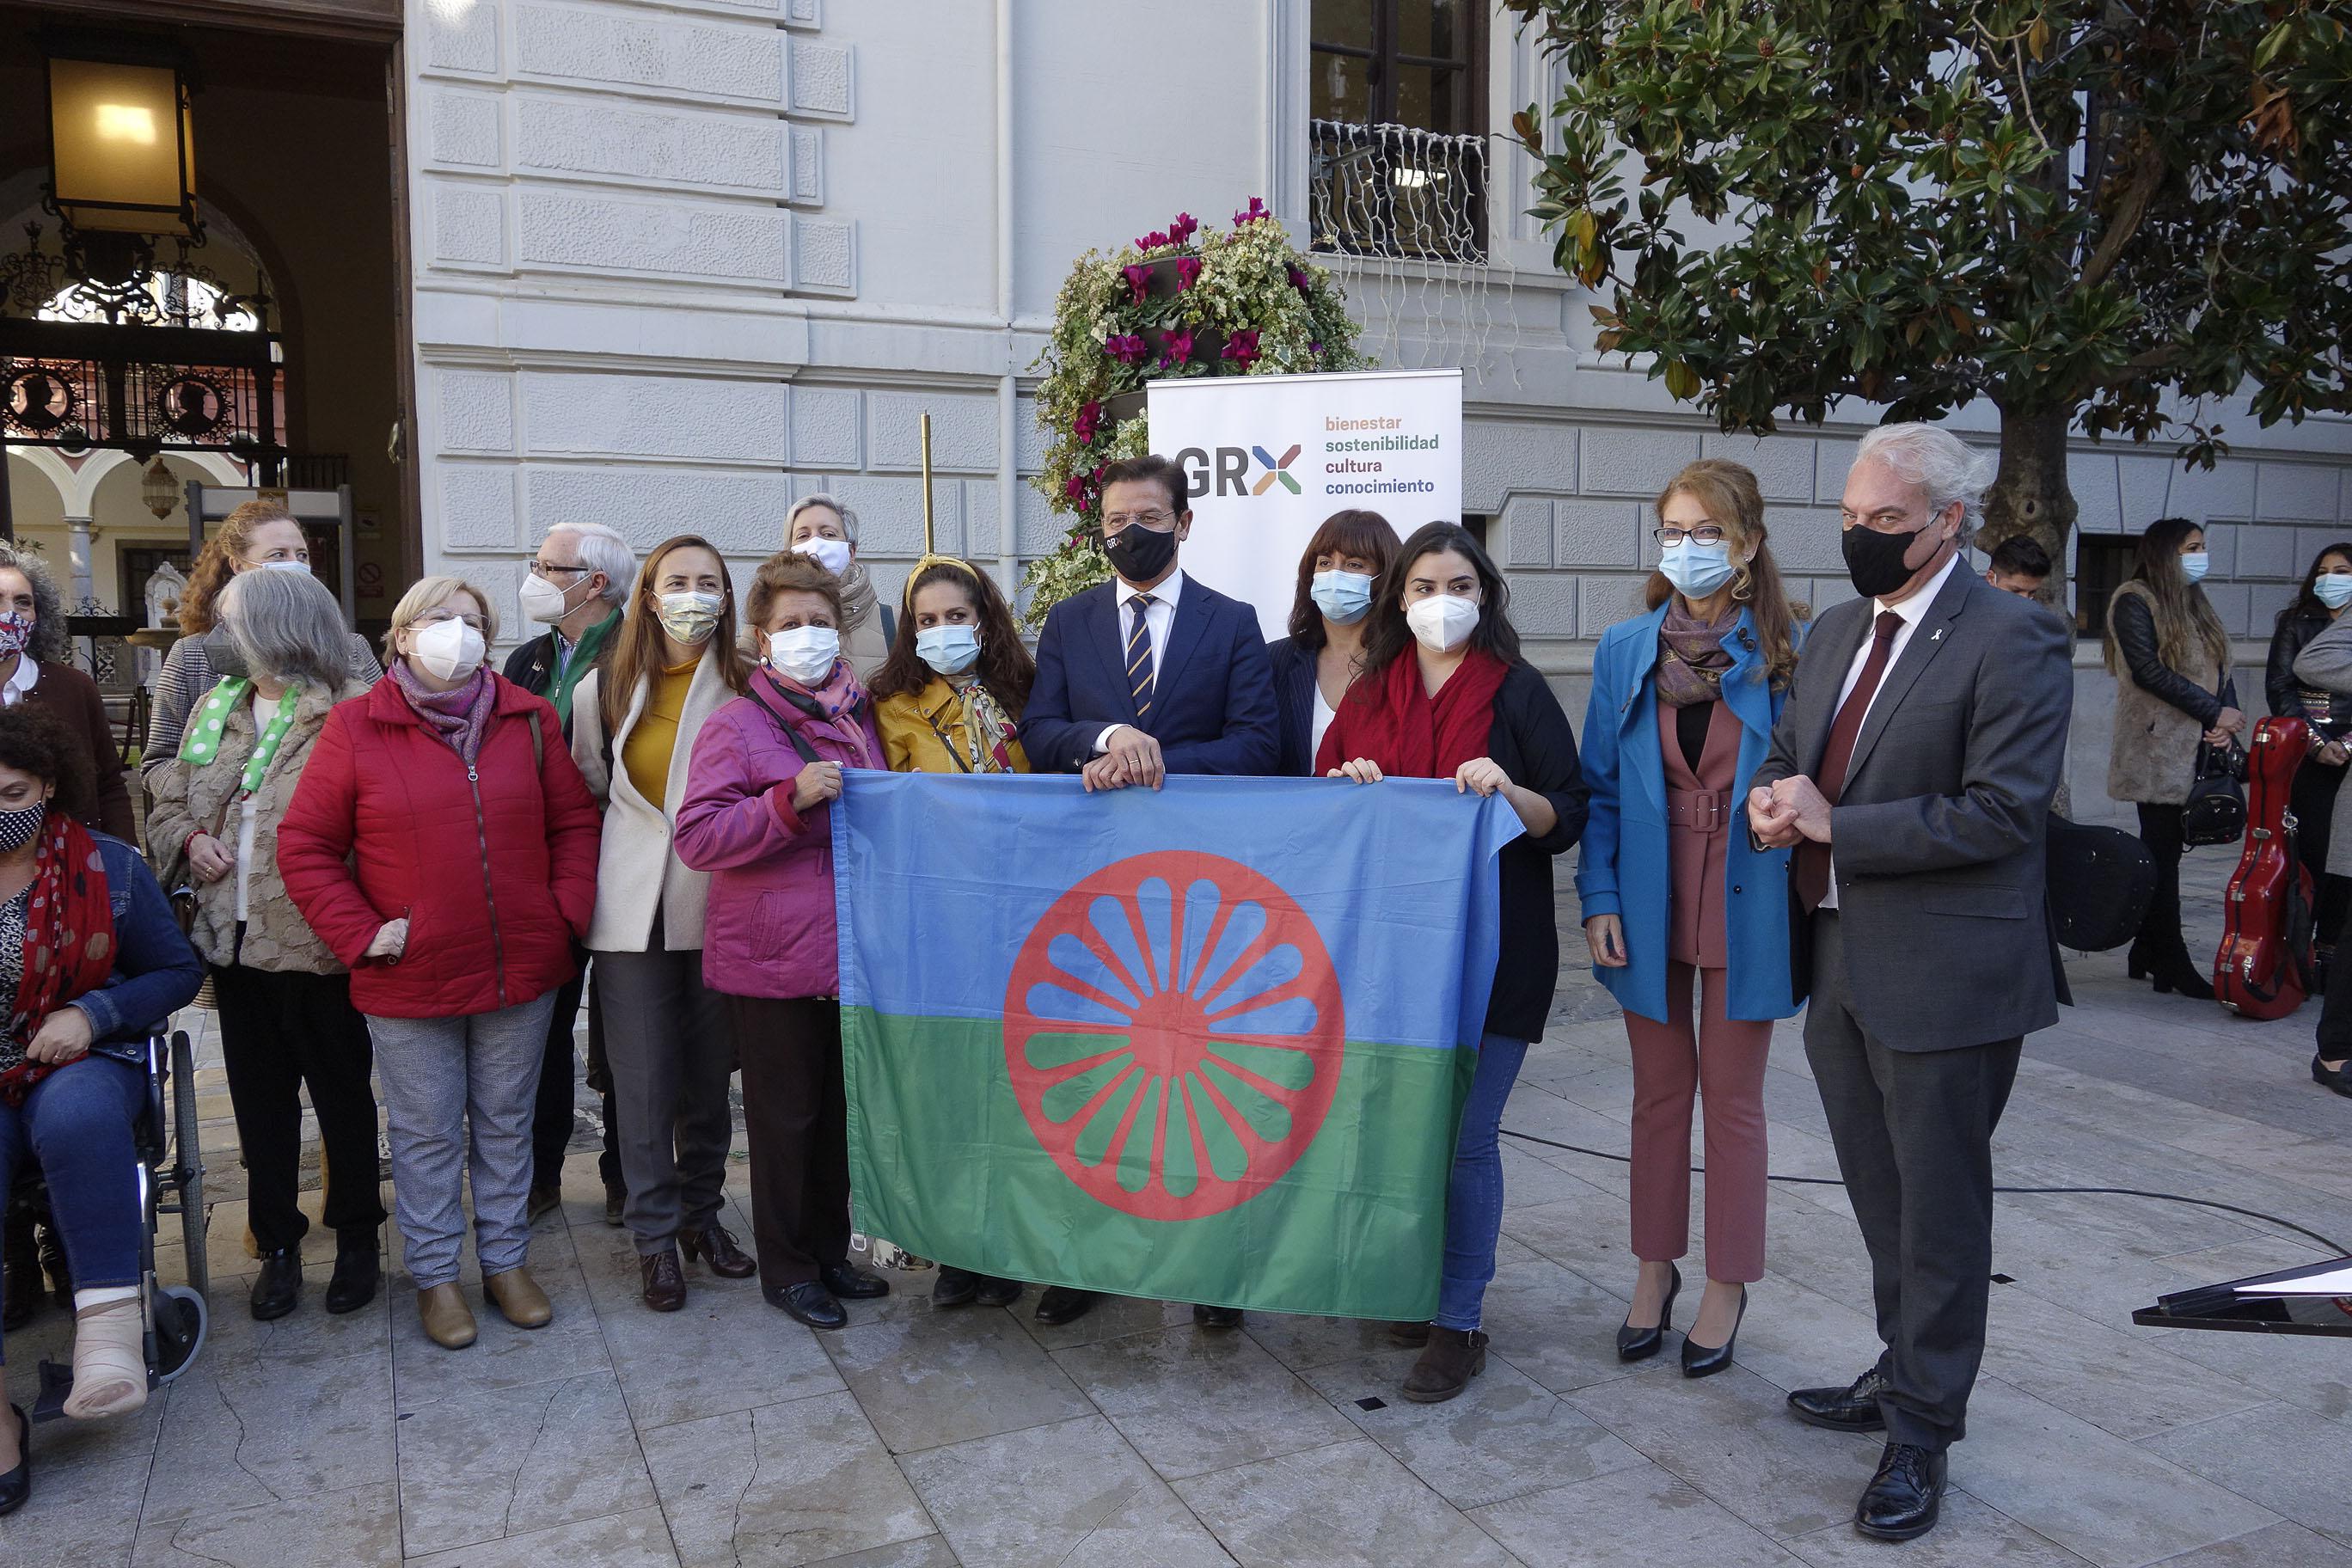 Instituciones y organizaciones sociales conmemoran del Día de los gitanos y gitanas de Andalucía